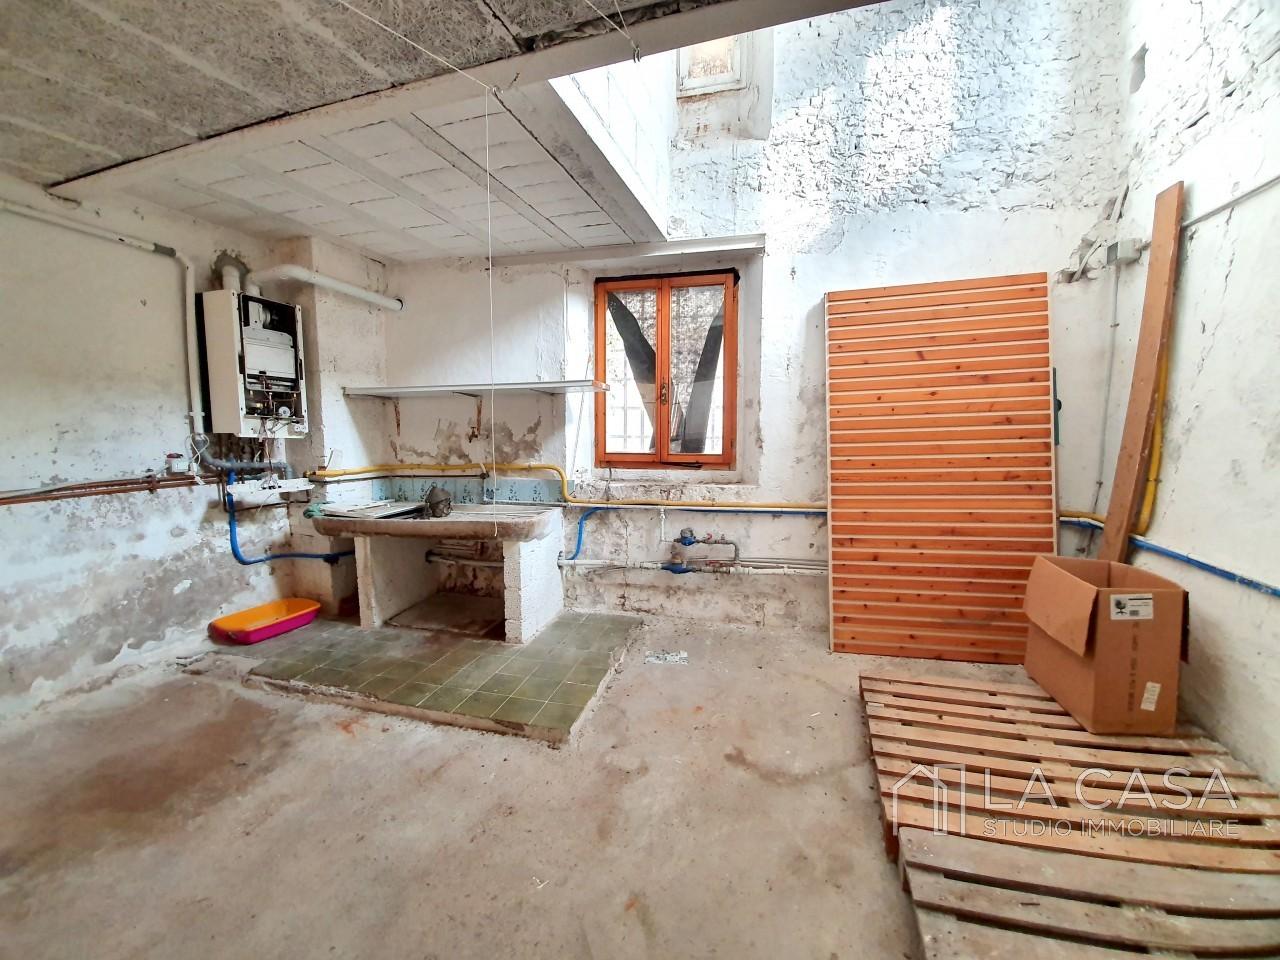 Negozio in vendita nel centro storico di Valvasone - Rif.N1 https://media.gestionaleimmobiliare.it/foto/annunci/191007/2078264/1280x1280/011__20191003_100357_wmk_0.jpg